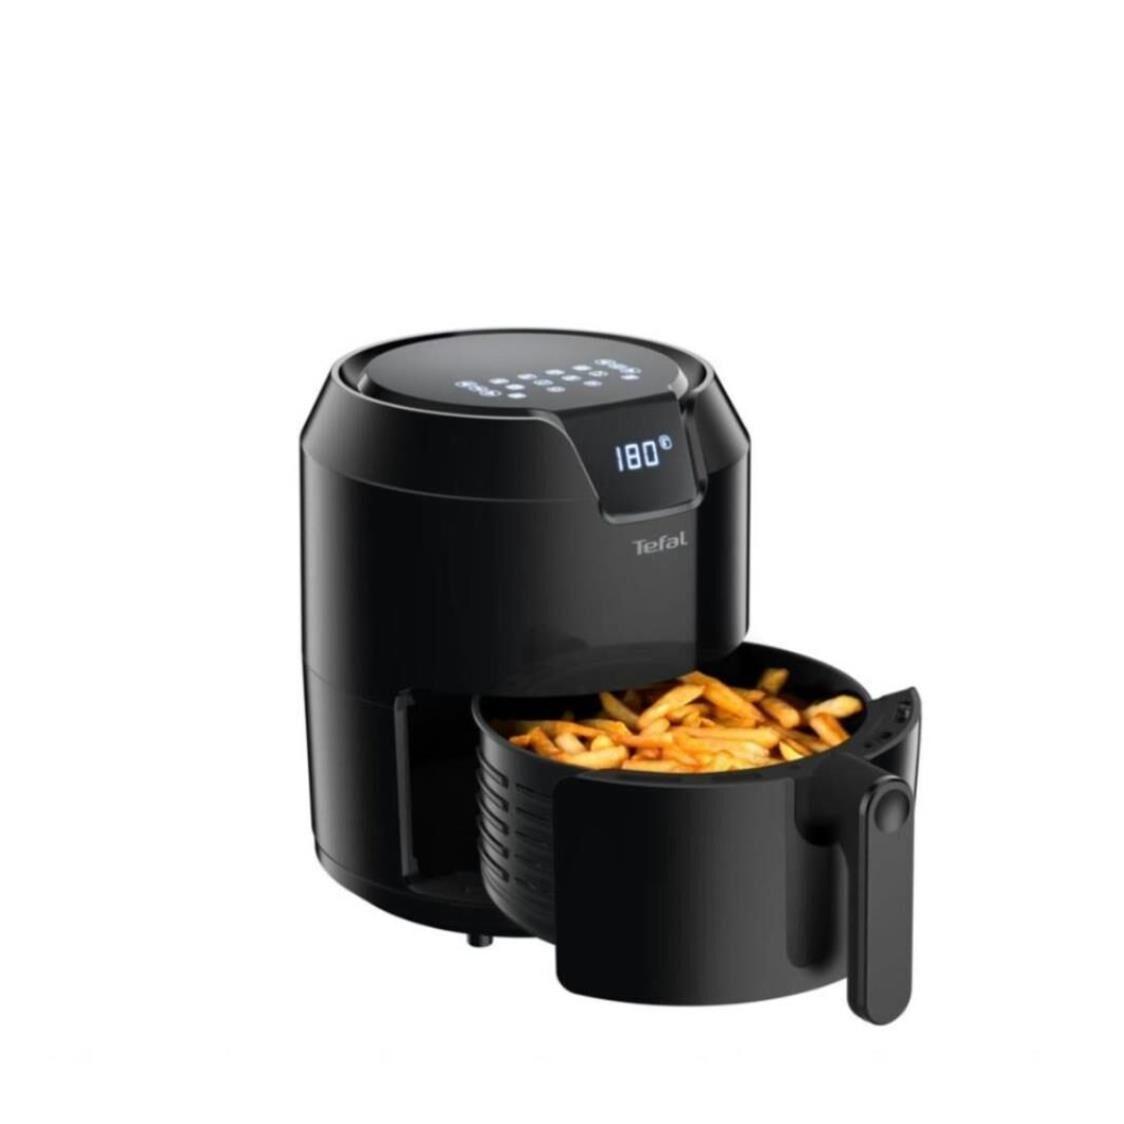 Tefal Uno Fryer 18L Black FF2038